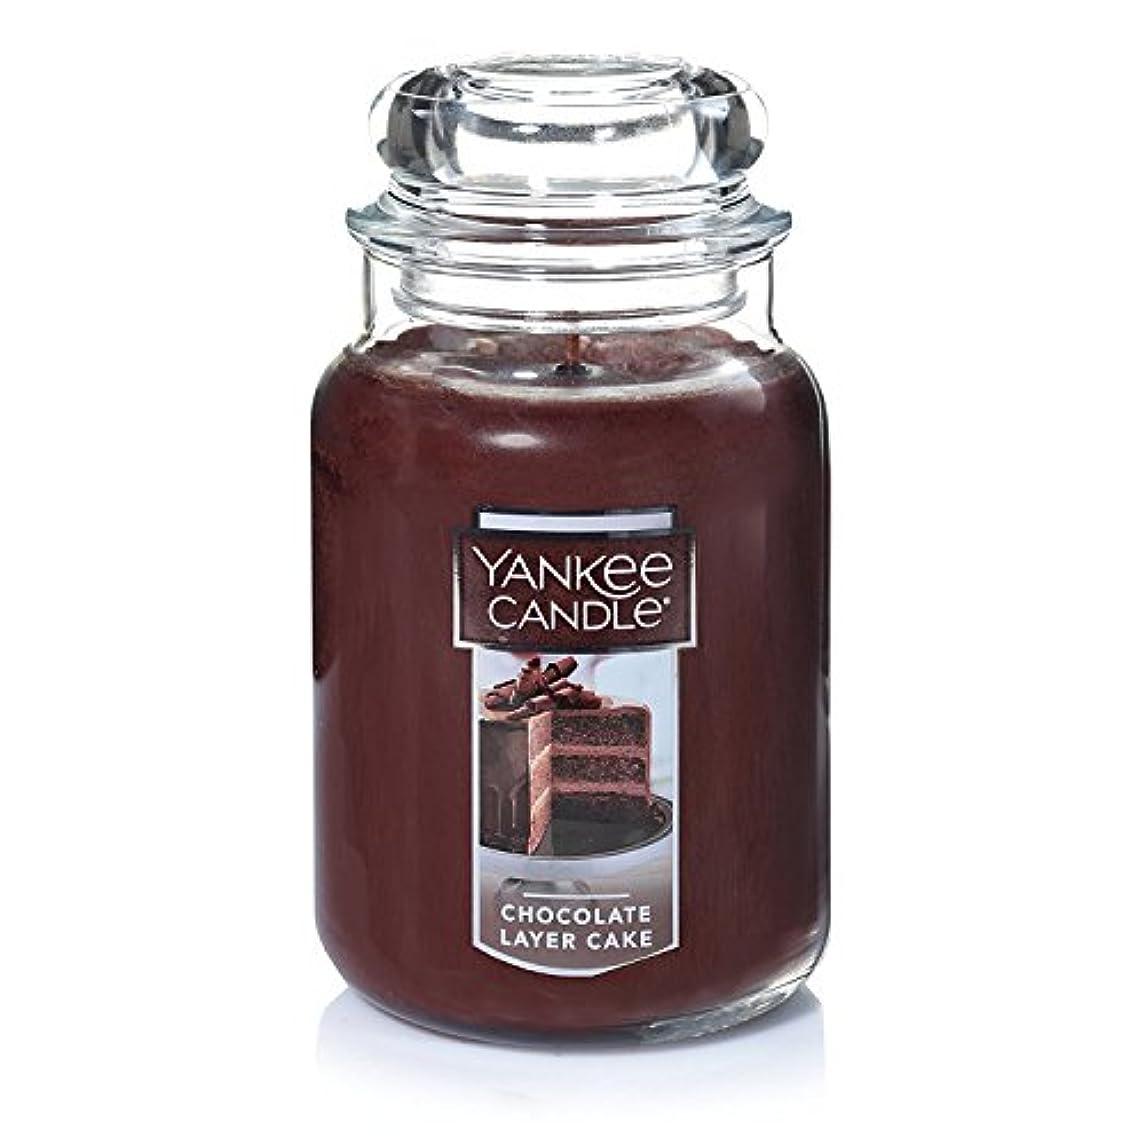 聖なるパワーセルピクニックYankee Candle Large Jar Candle、チョコレートレイヤーケーキ